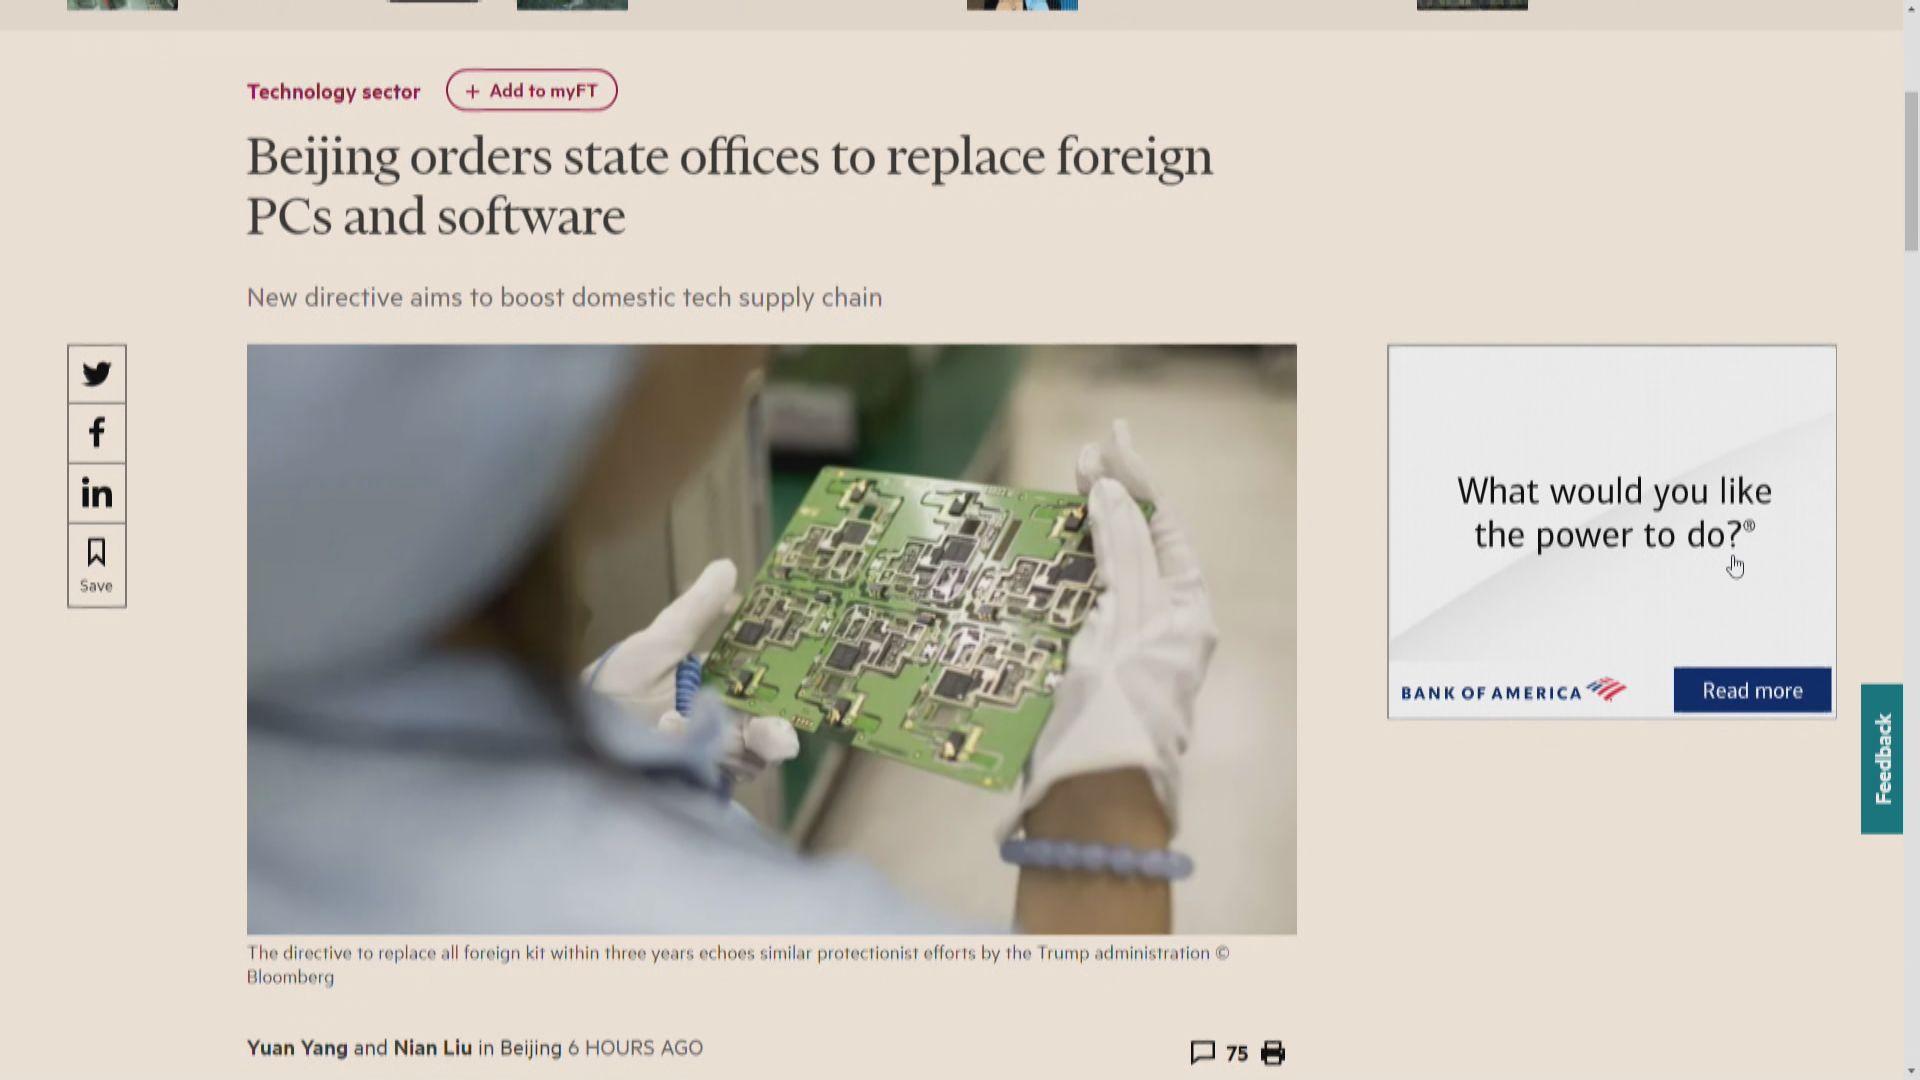 【支持國貨】據報中央下令部門更換所有外國電腦及軟件